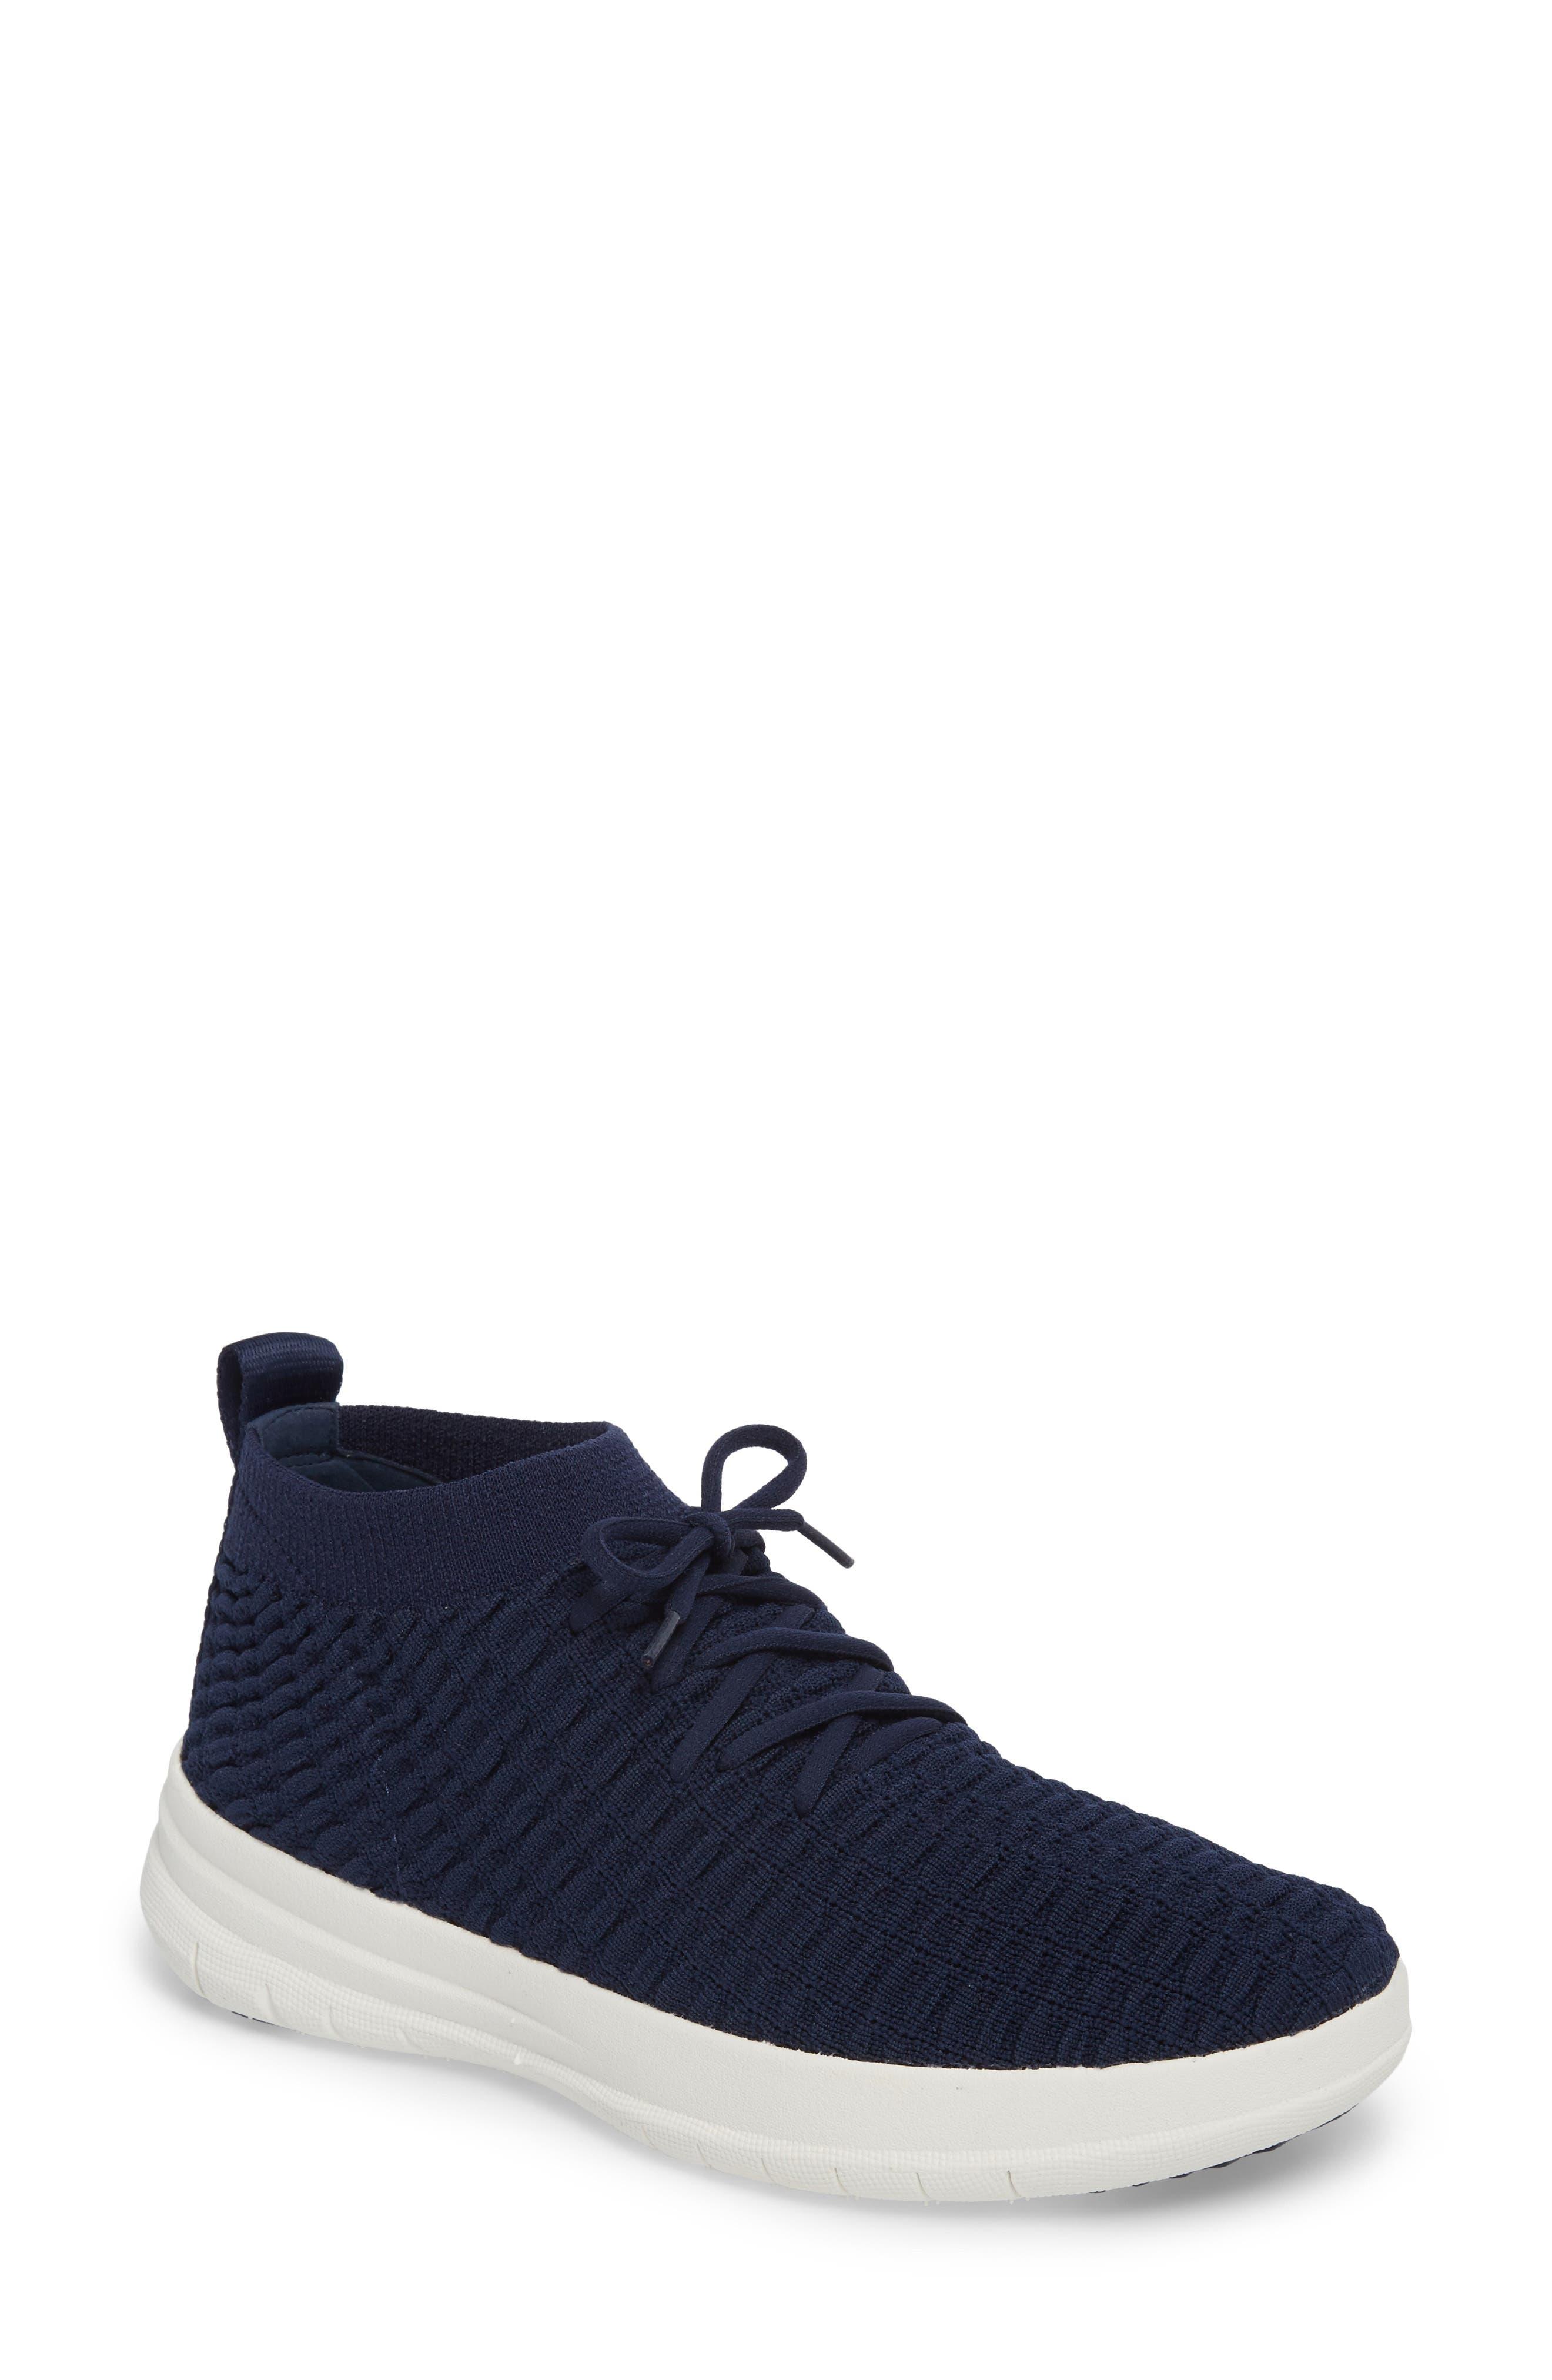 FitFlop Uberknit™ Slip-On High Top Sneaker (Women)